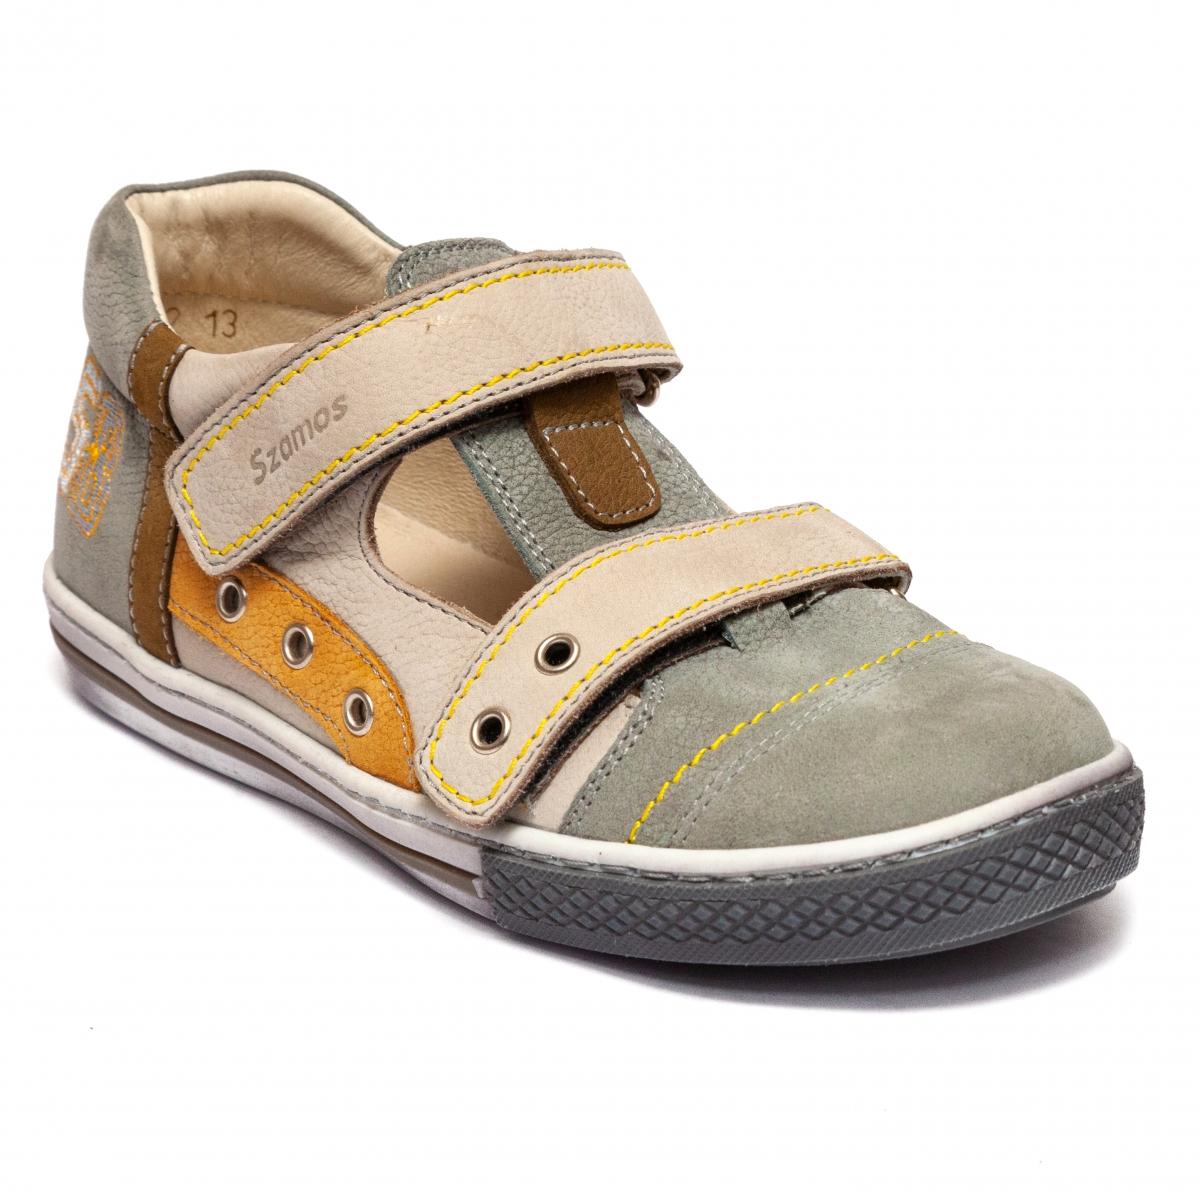 Sandale baieti Szamos 8546 gri bej 26-35